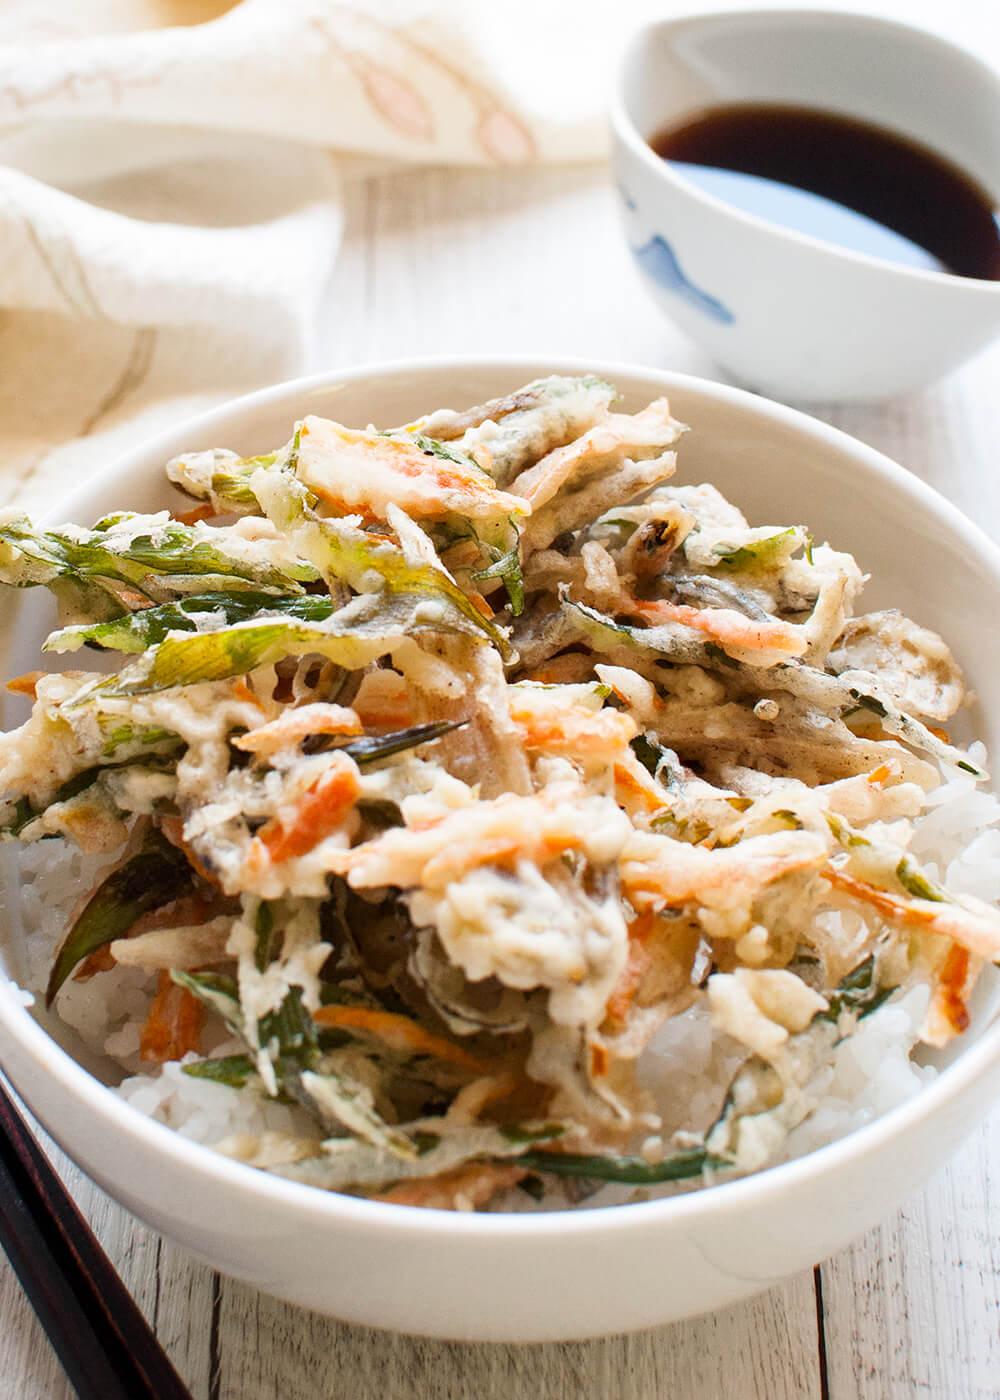 Akiage on rice bowl - Kakiage-don.